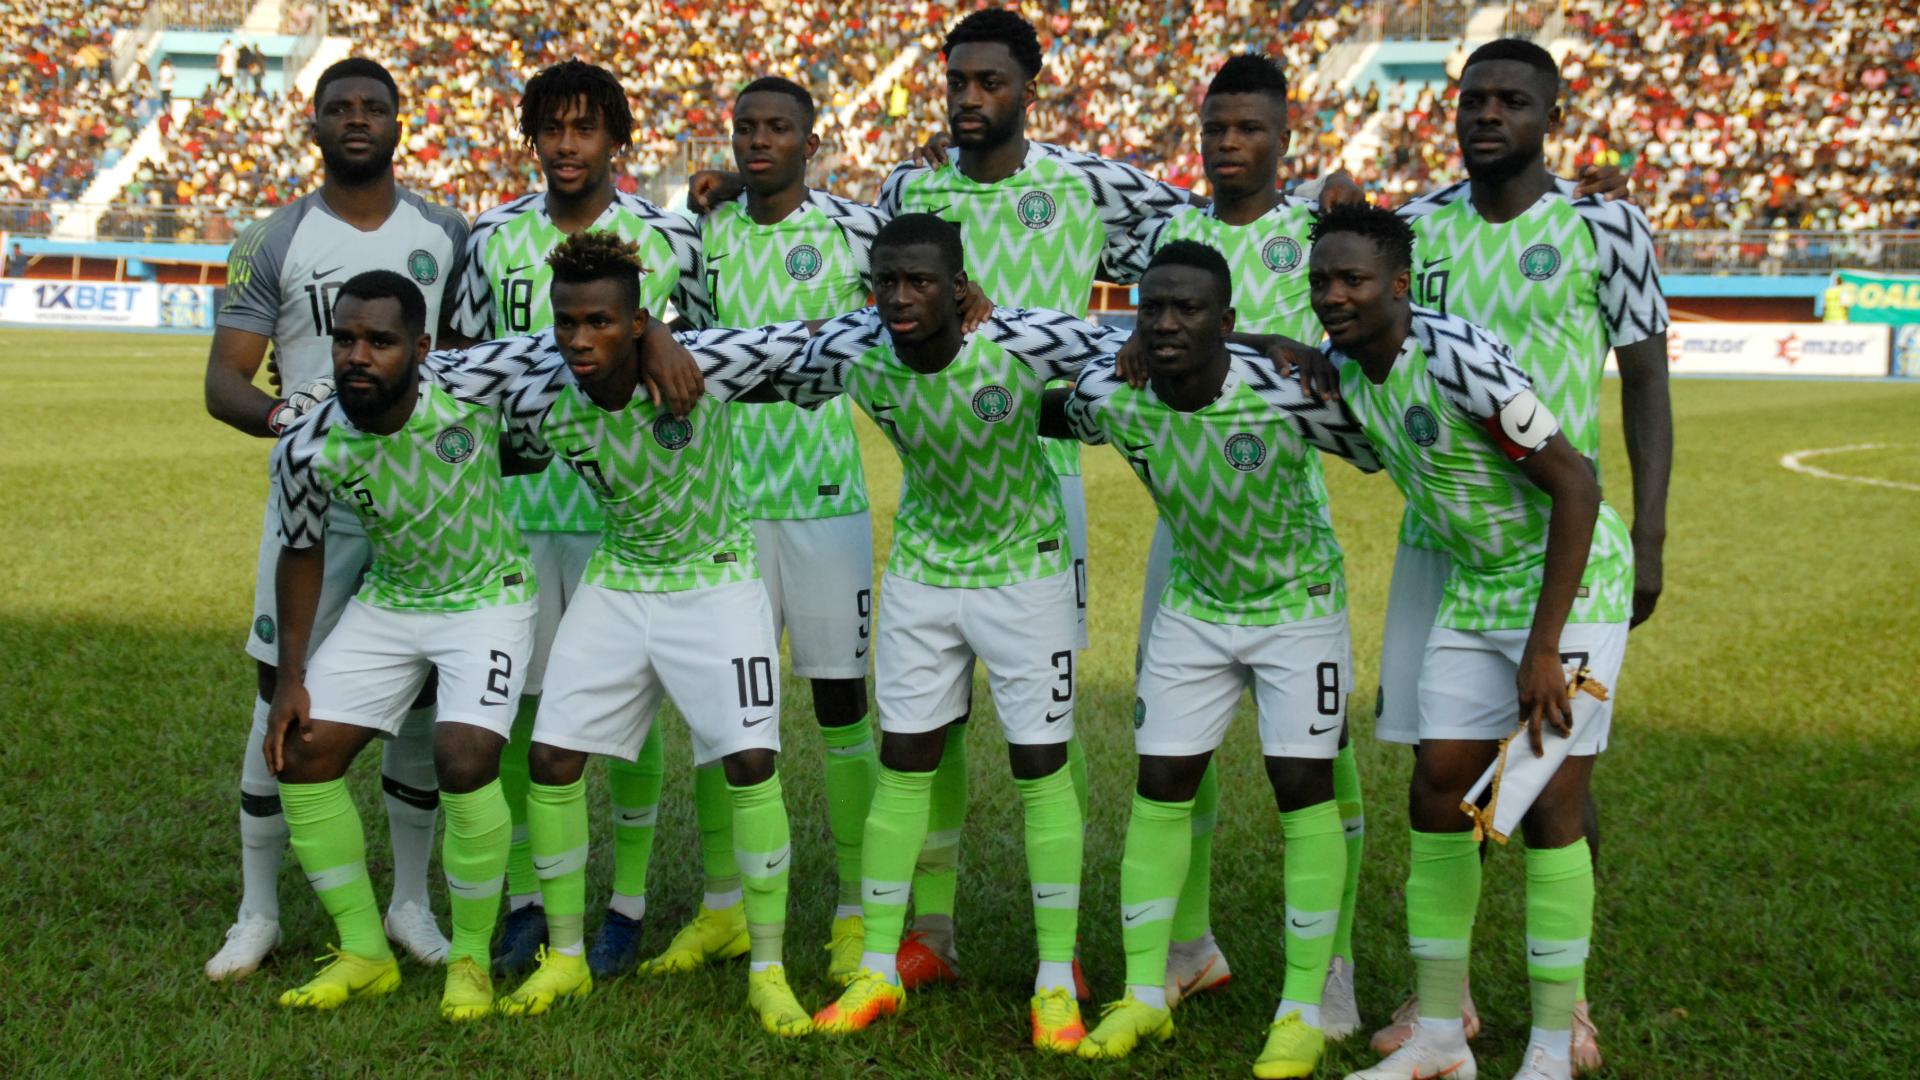 https://www goal com/en-ph/news/arsenal-midfielder-alex-iwobi